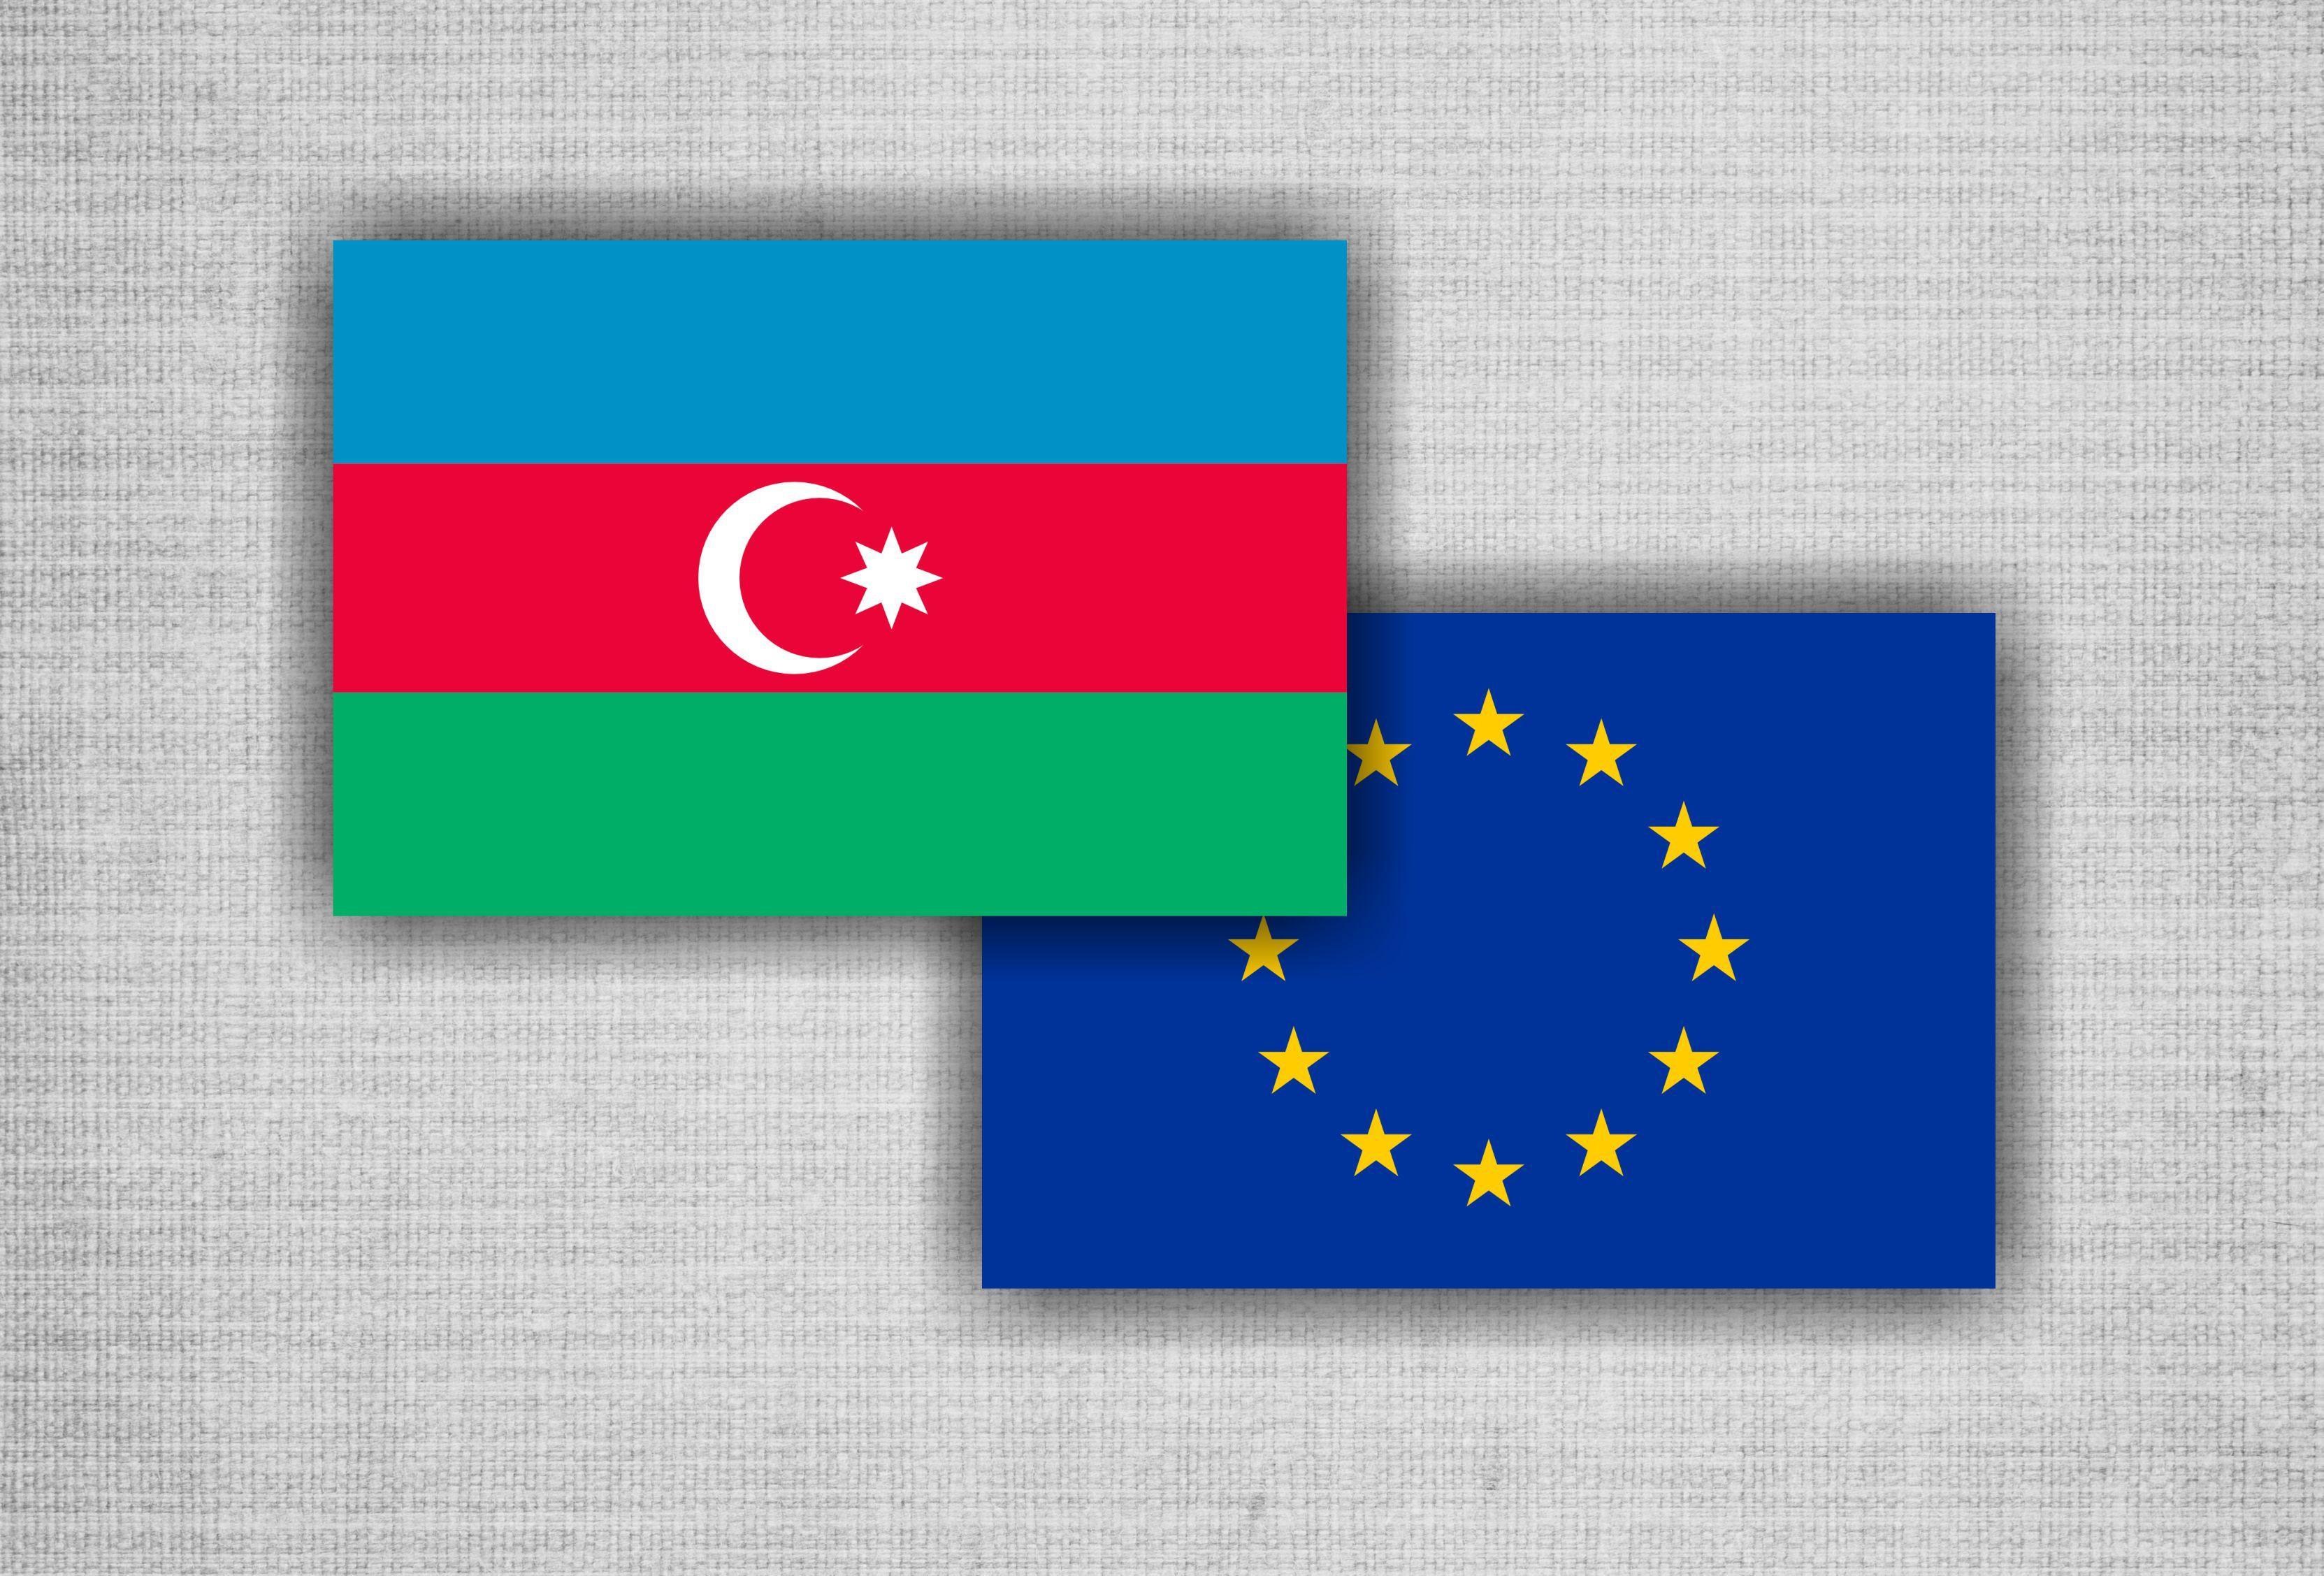 Azərbaycan enerji məsələlərində Avropa İttifaqının mühüm tərəfdaşıdır